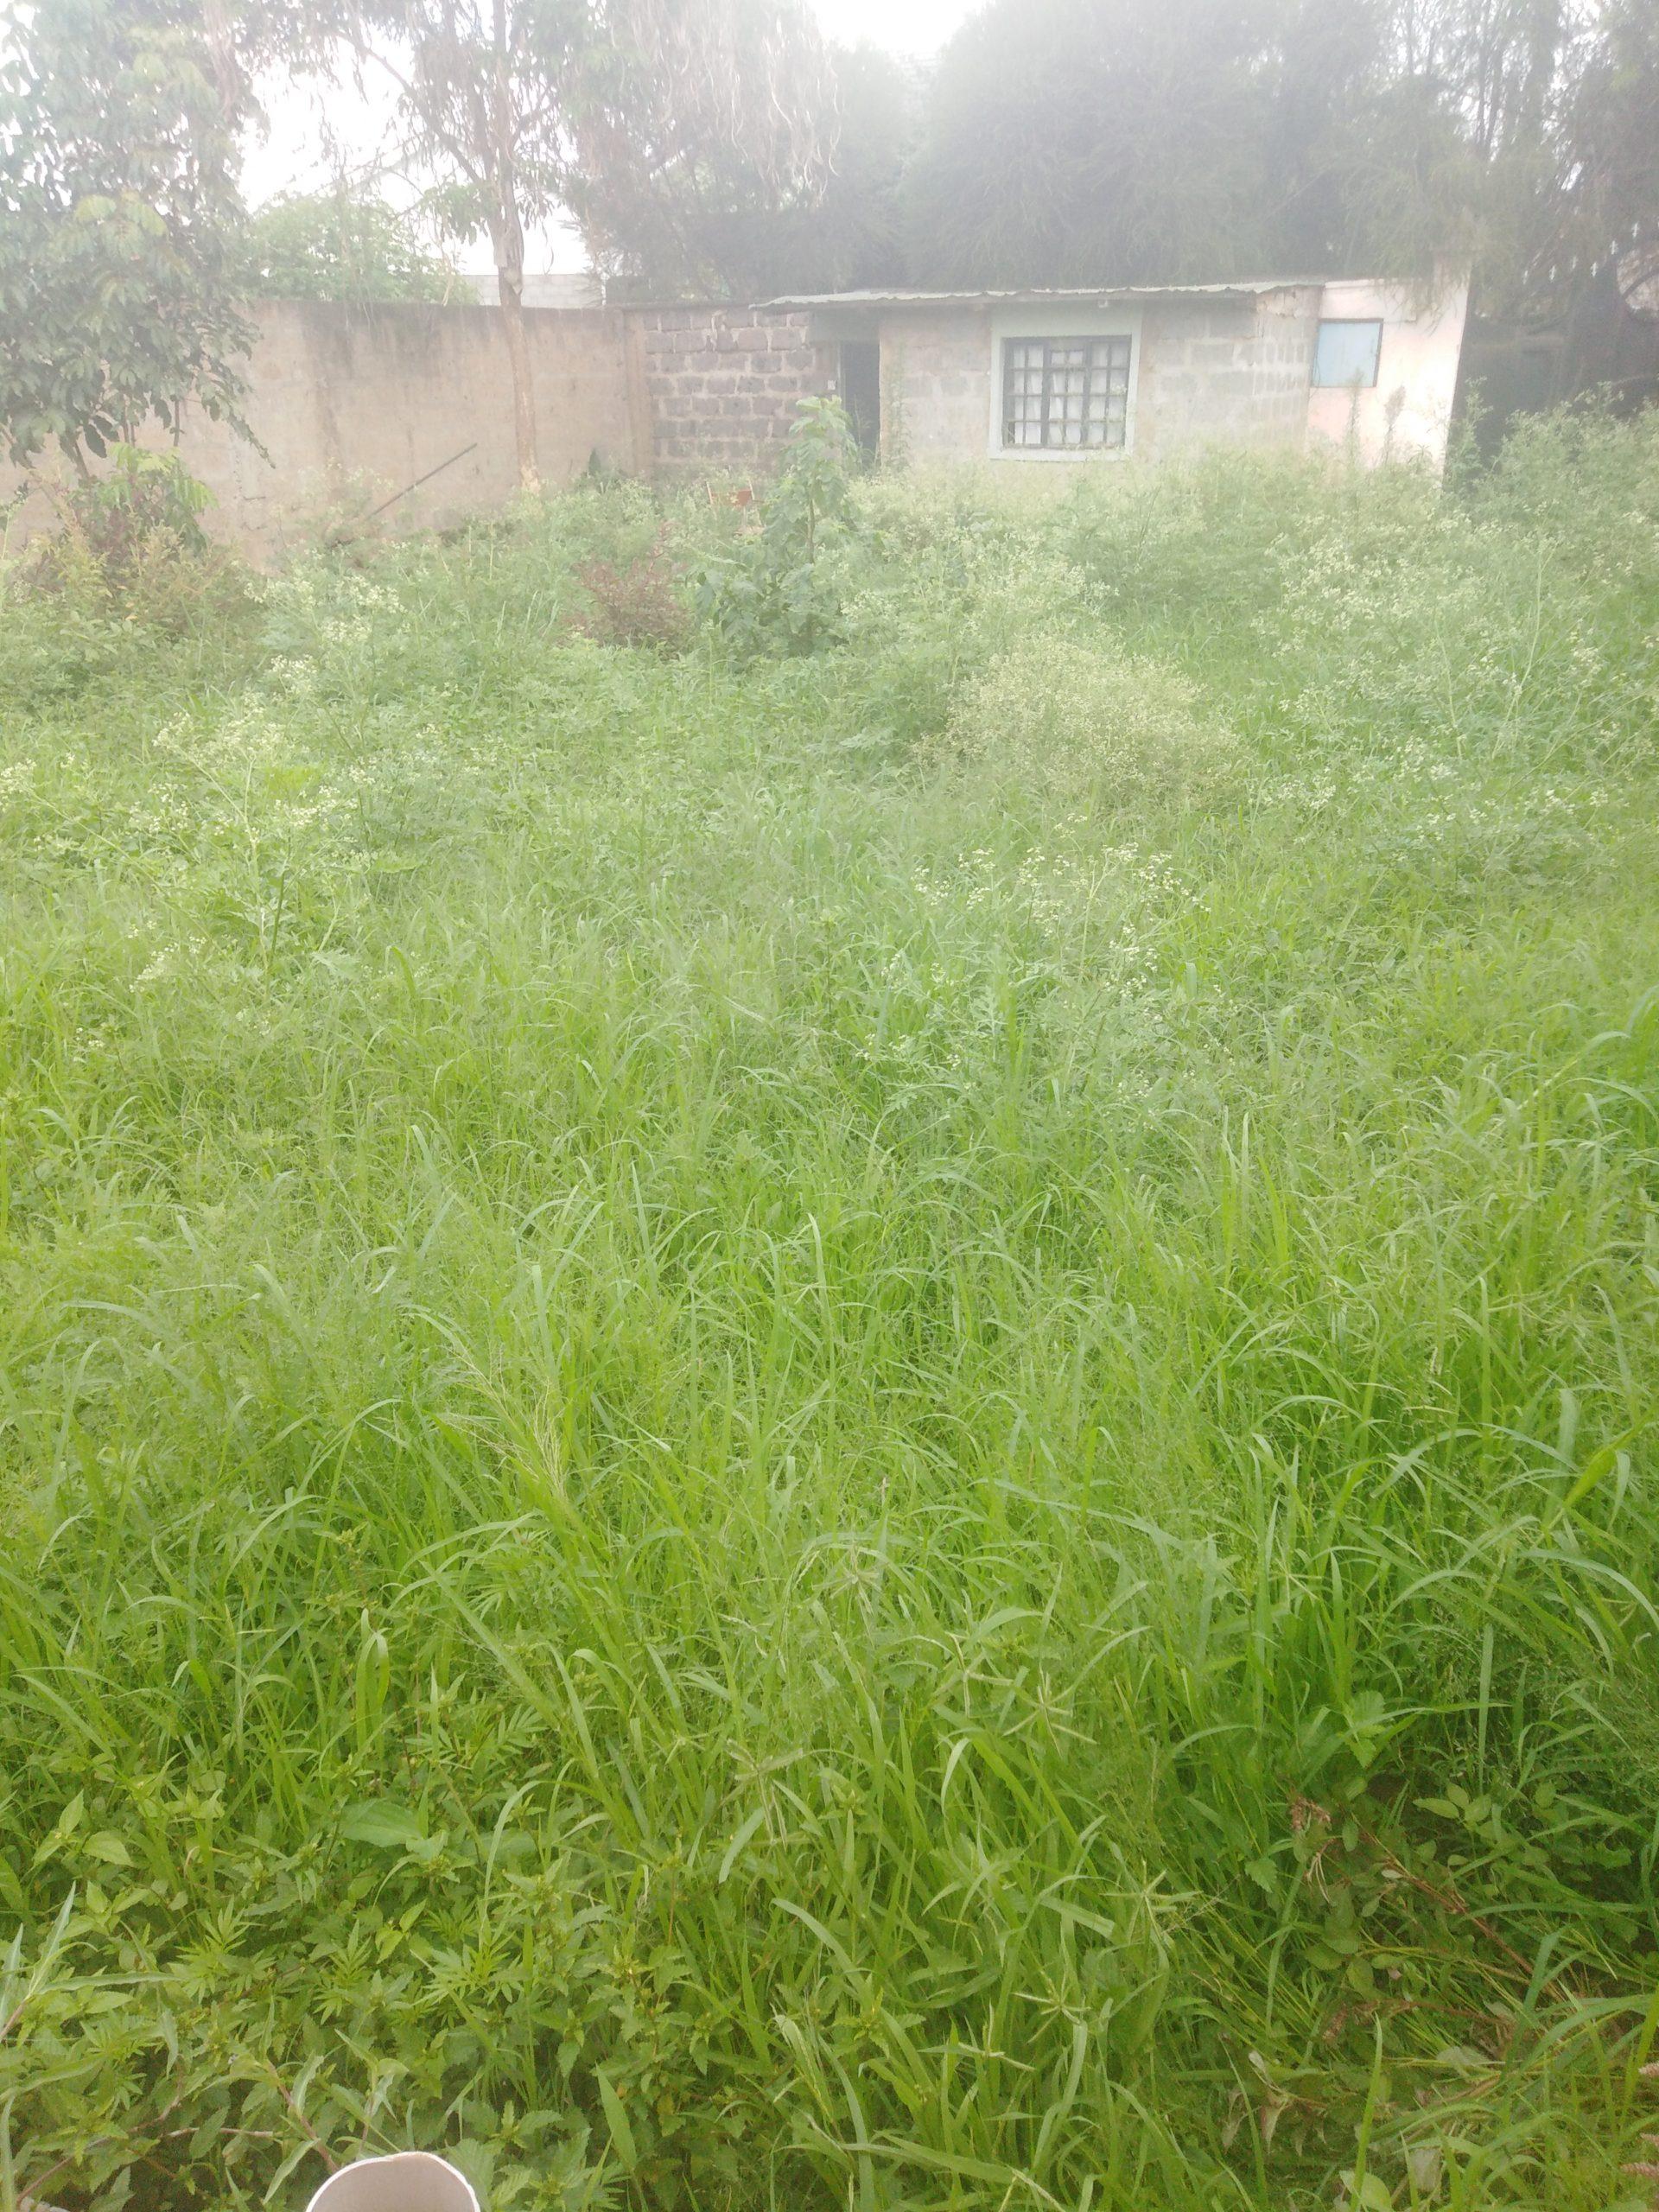 Prime plot for sale in Kasarani